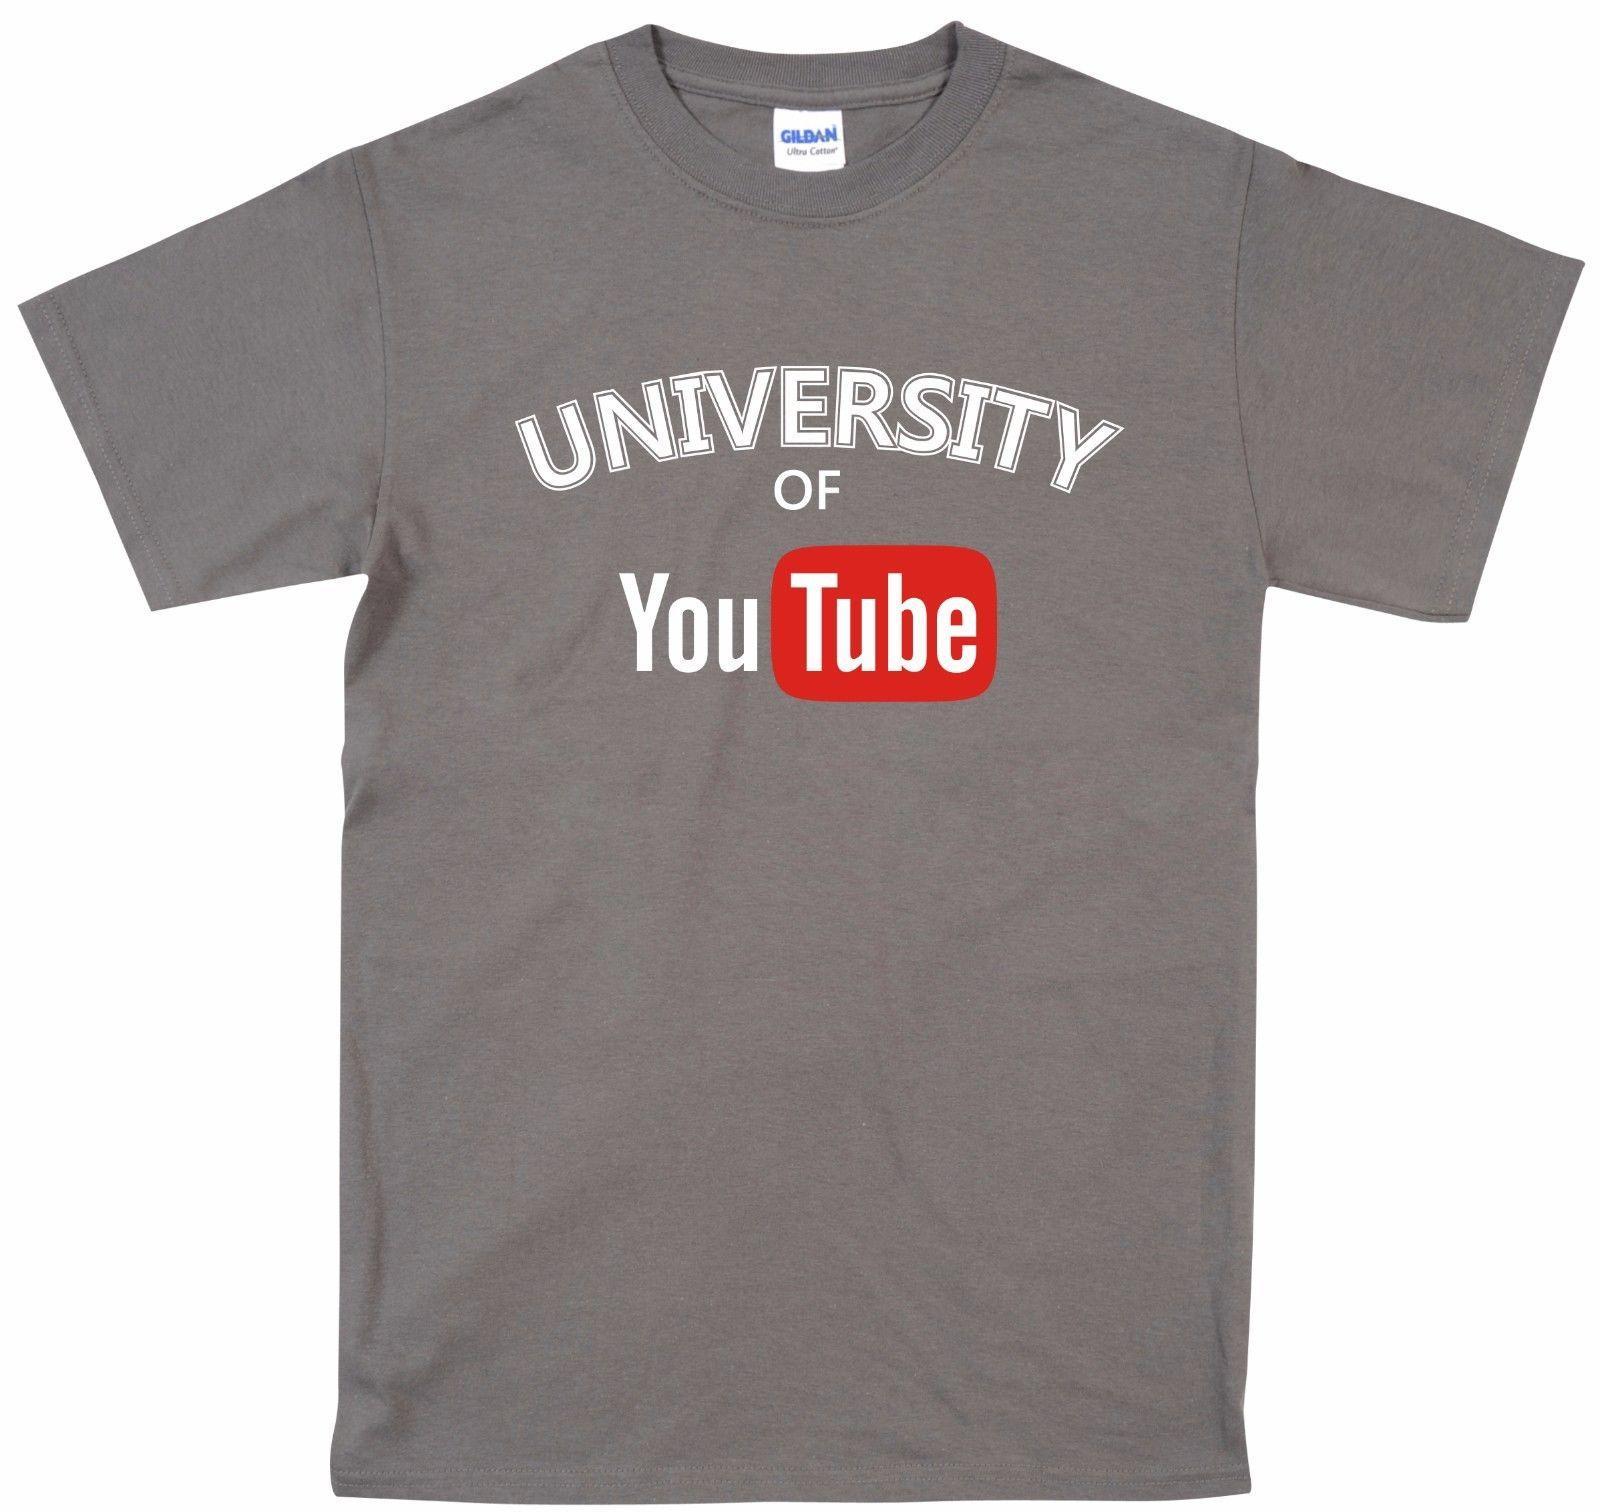 Satın Al Size Komik T Shirt üniversitesi Tüp Unisex Retro Klasik Tee